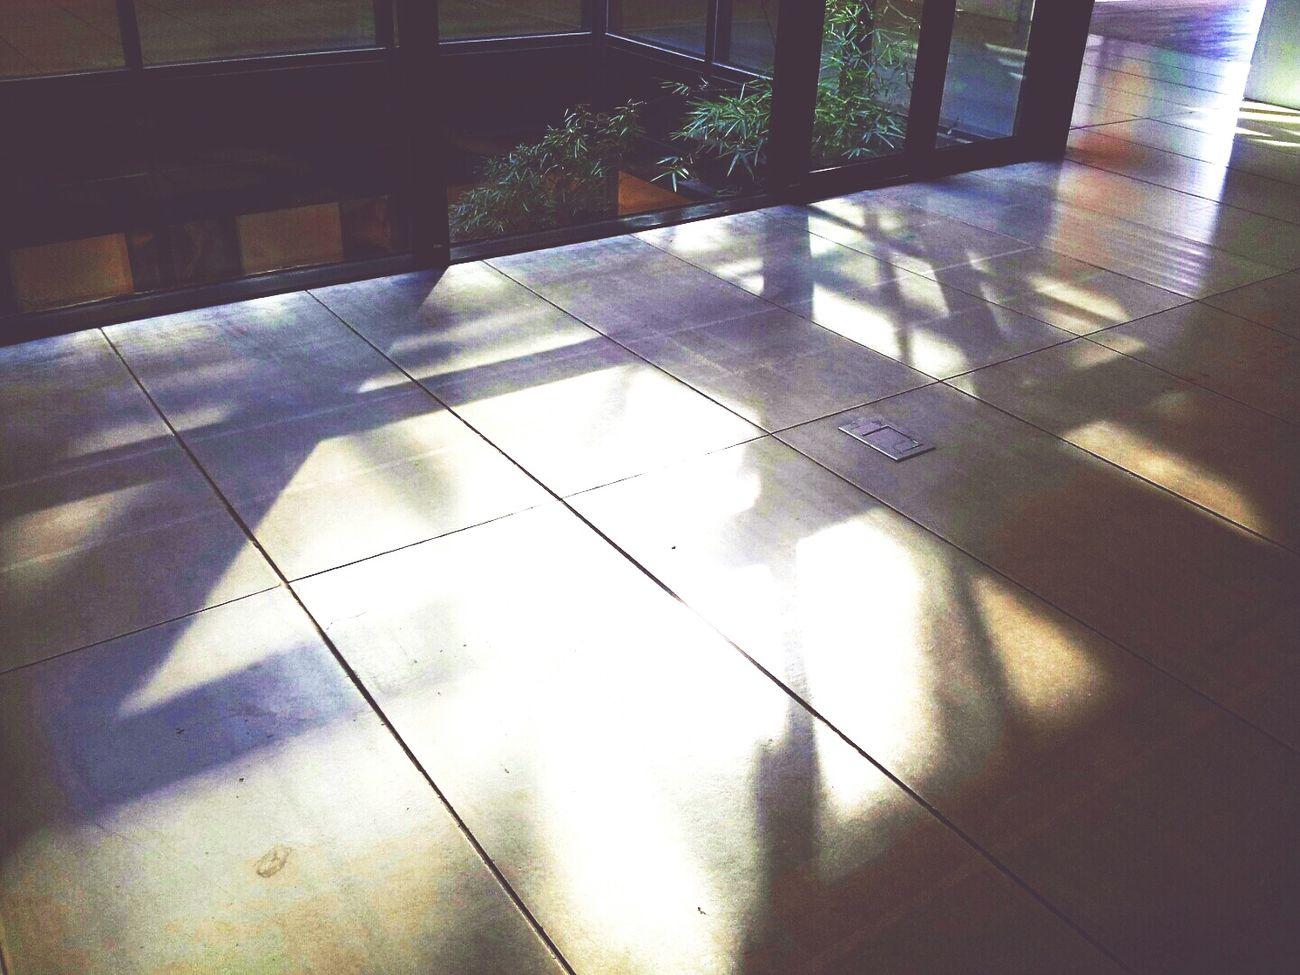 빛 온실 미술관 유리 투명 몽환 몽롱 무지개 Light Glass Rainbow